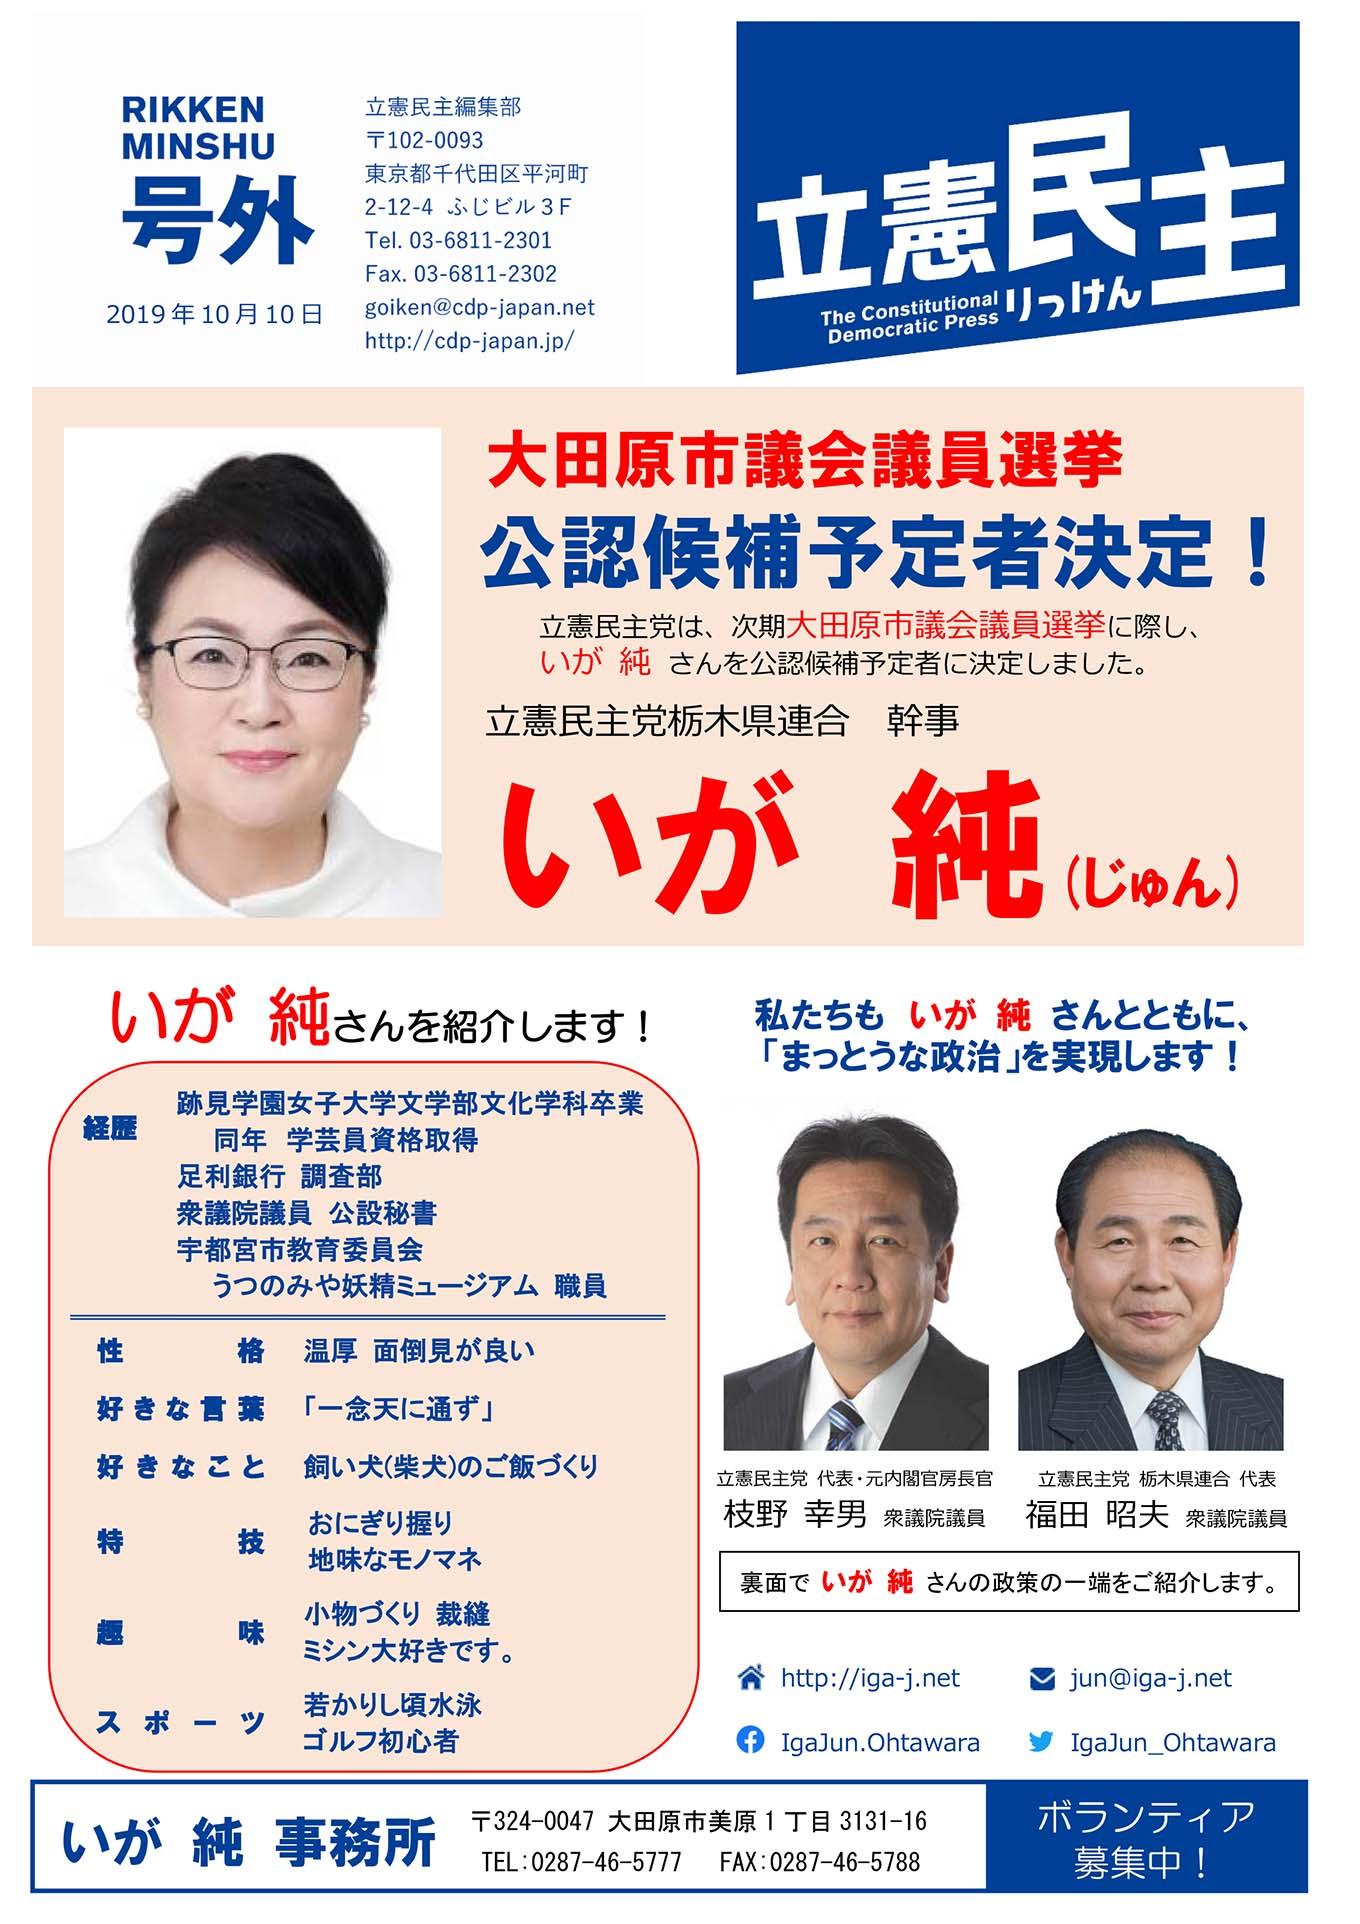 大田原市議会議員選挙 公認候補予定者決定! いが純(じゅん)